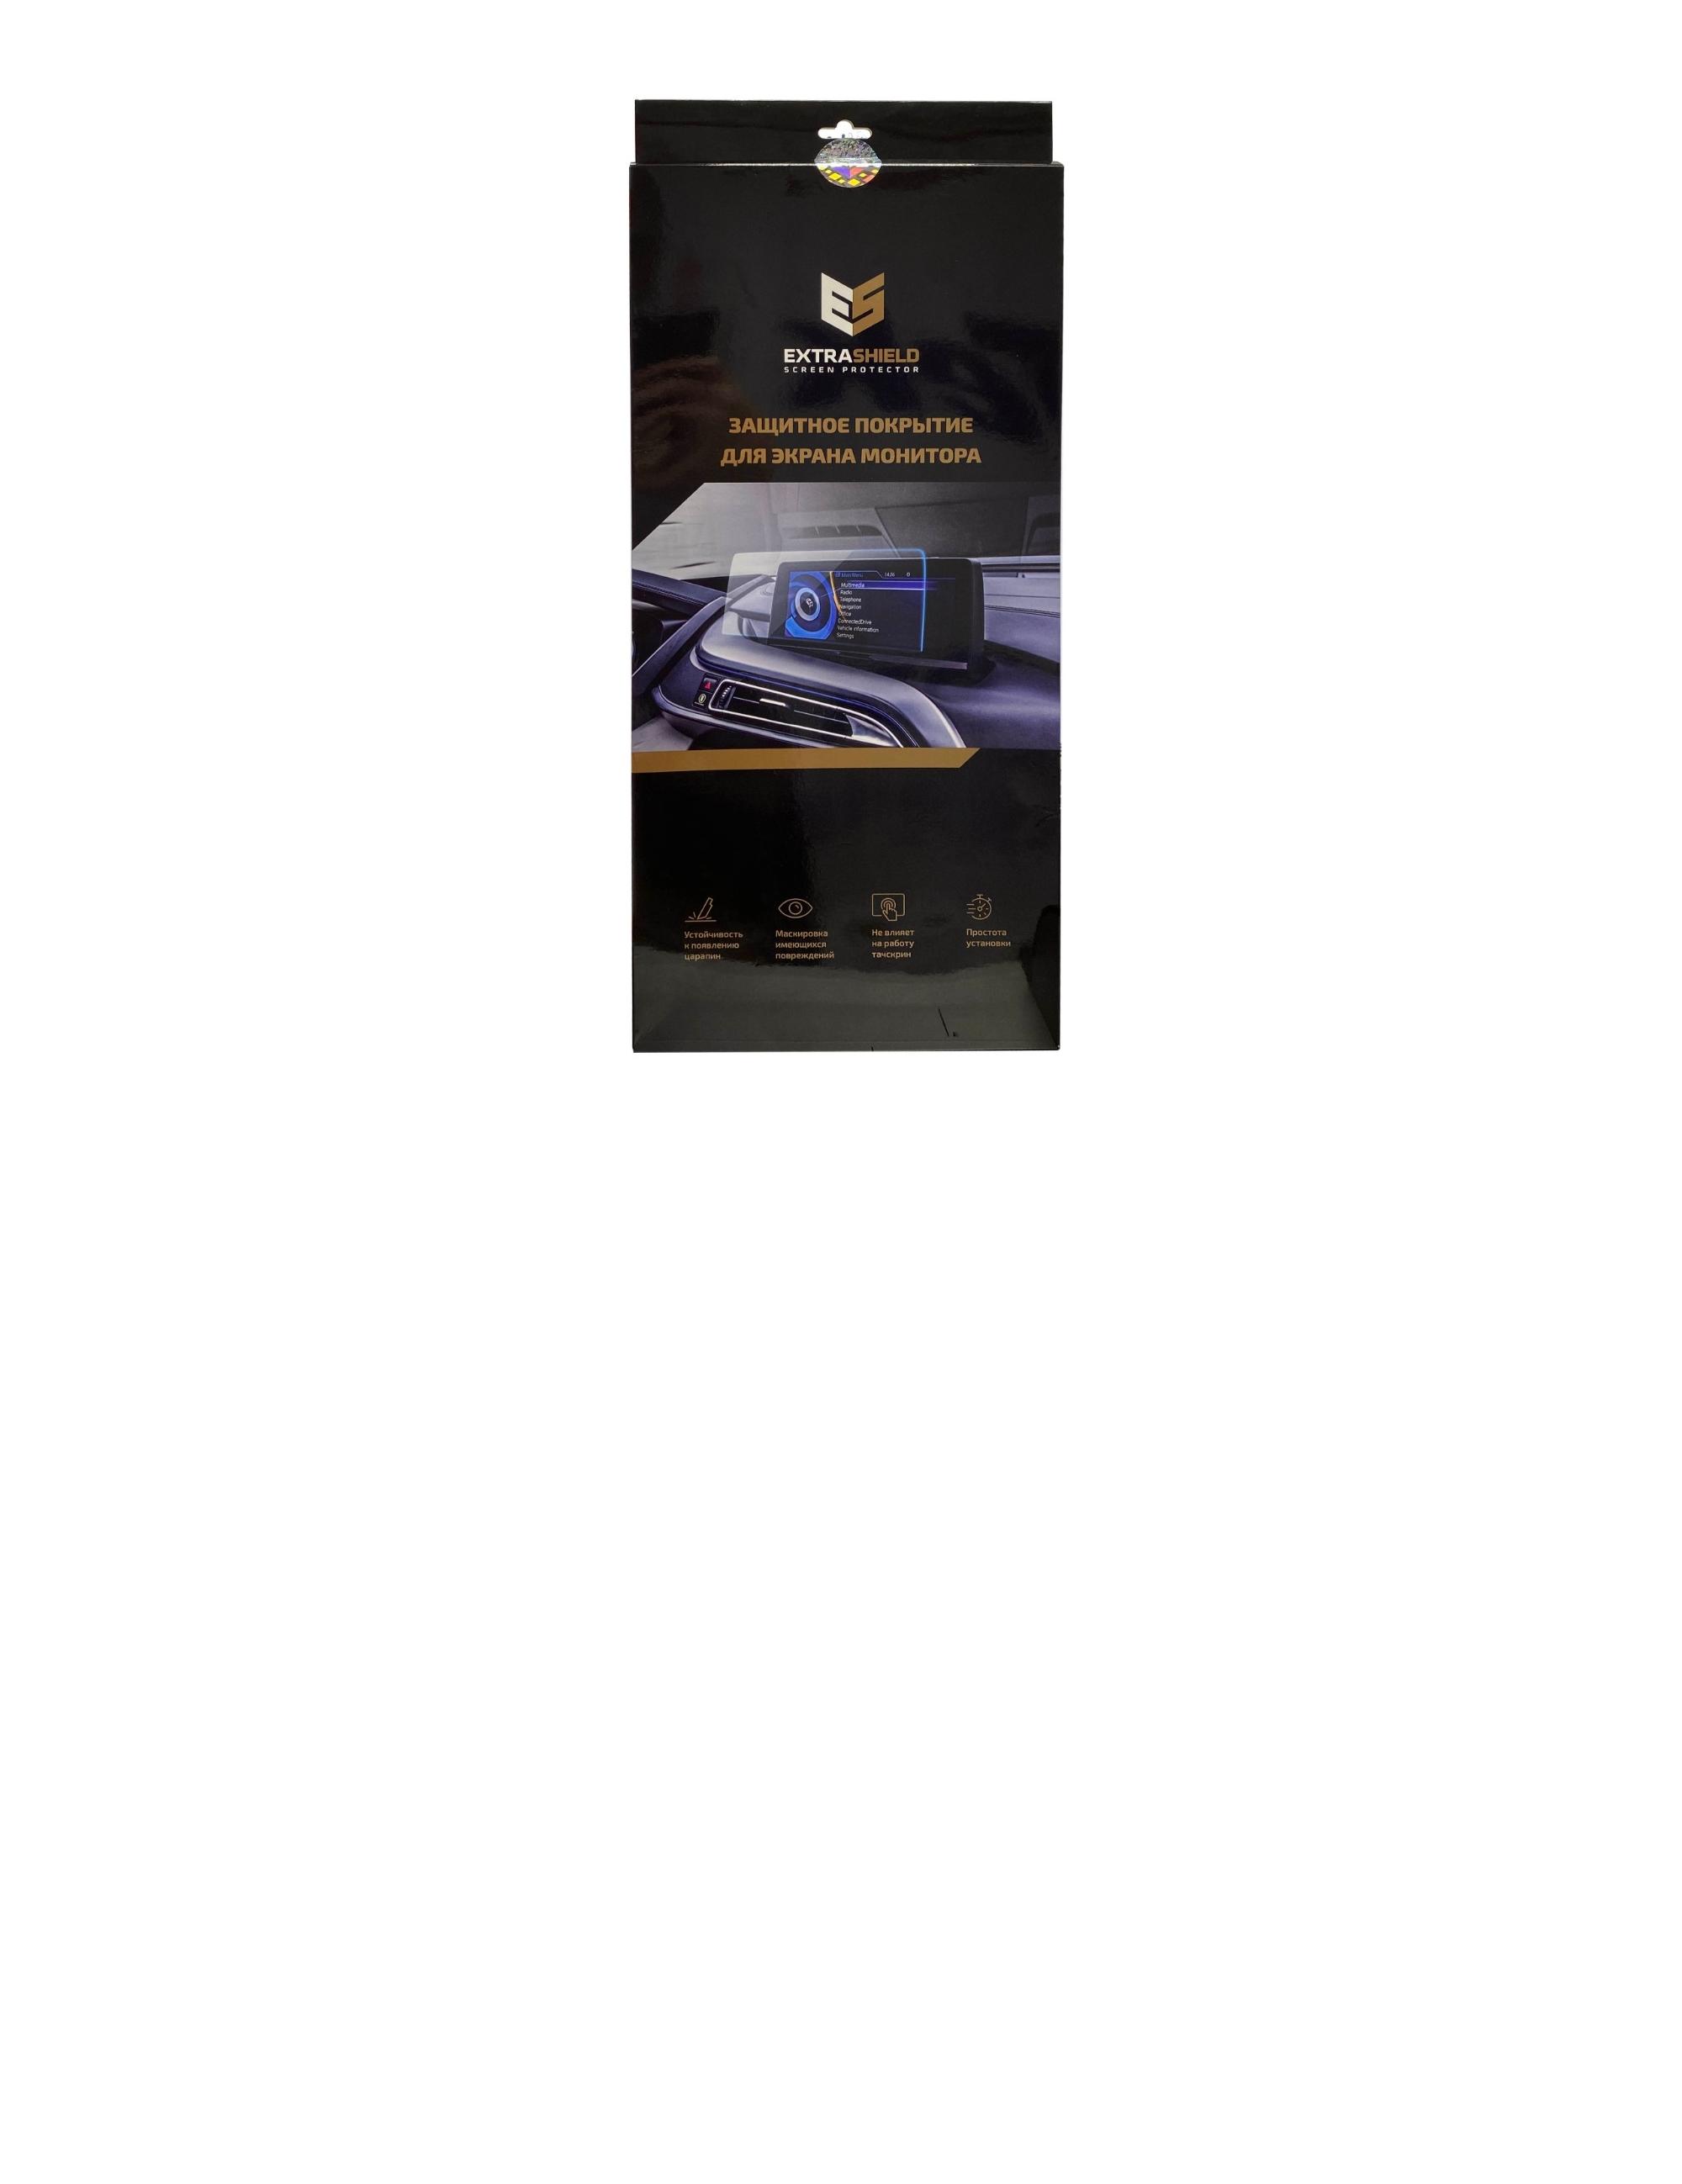 Mercedes-Benz A-class (W176) 2015 - 2018 мультимедиа 7 Защитное стекло Глянец